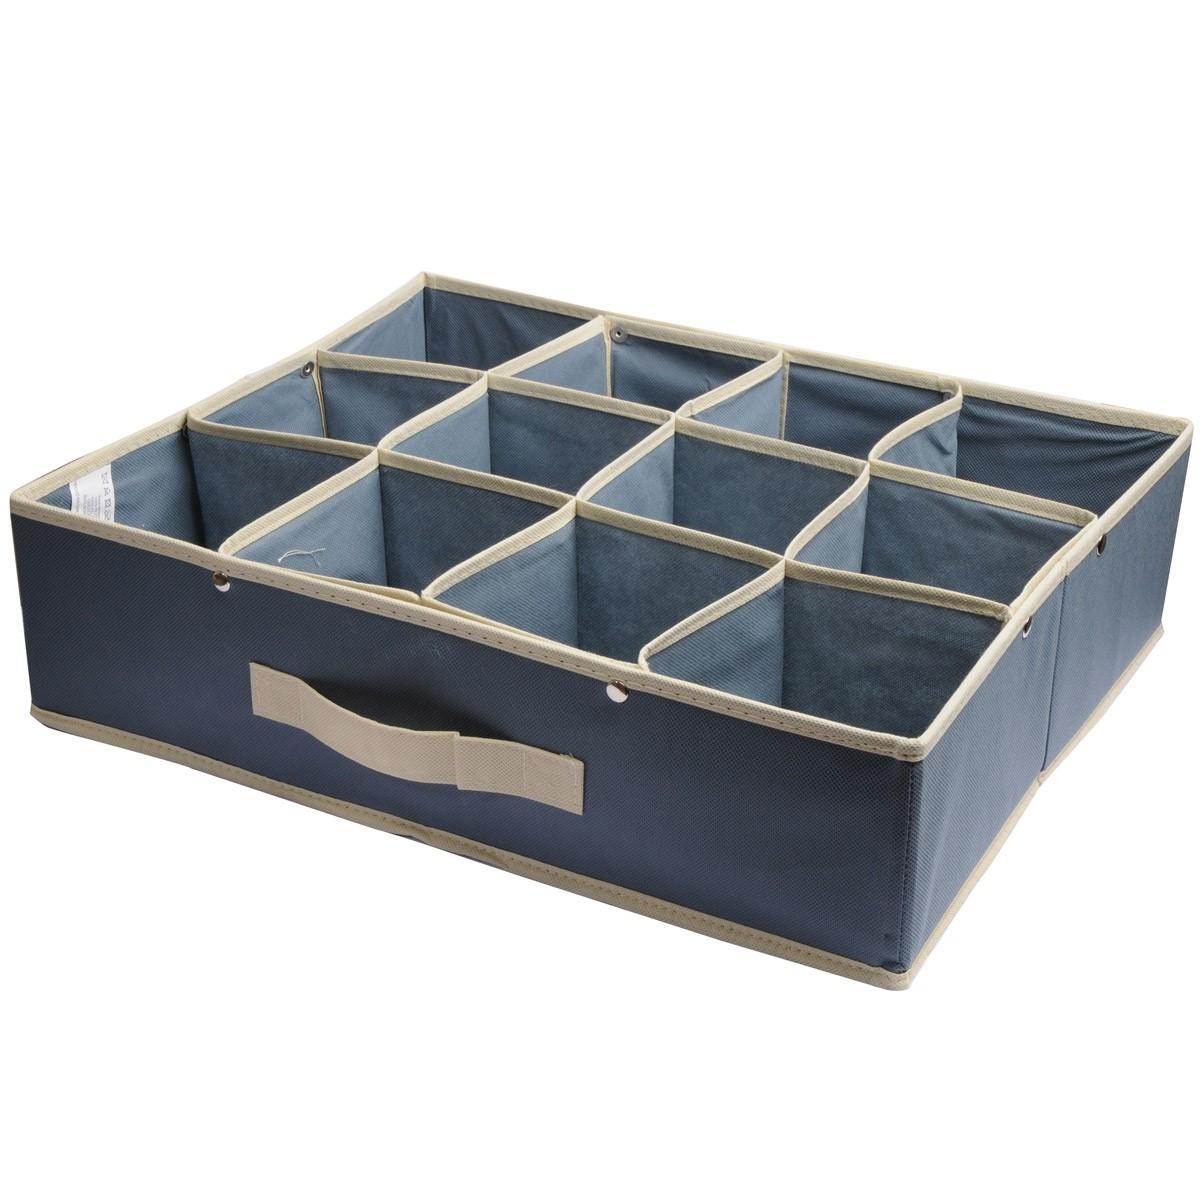 Κουτί Τακτοποίησης 12 Θέσεων εstia 03-0721 Grey home   κρεβατοκάμαρα   οργάνωση ντουλάπας